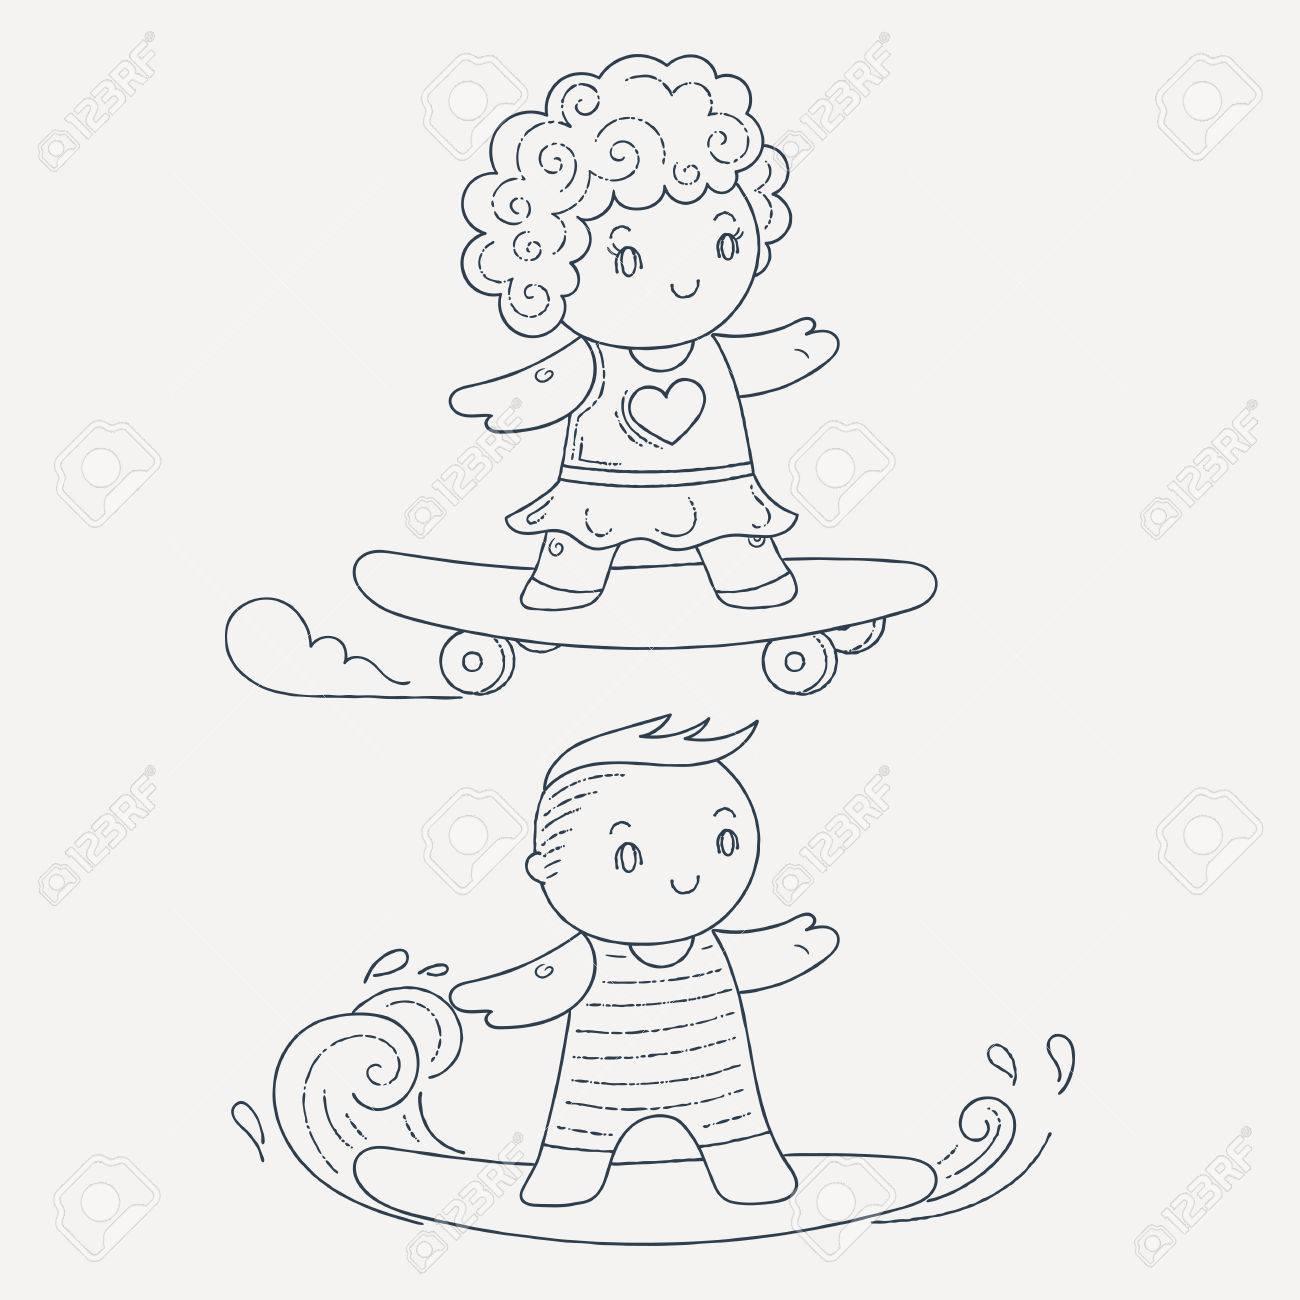 Ilustración De Una Niños En Una Tabla De Surf Y El Monopatín Conjunto De Kawaii Niños Dibujo Para Colorear